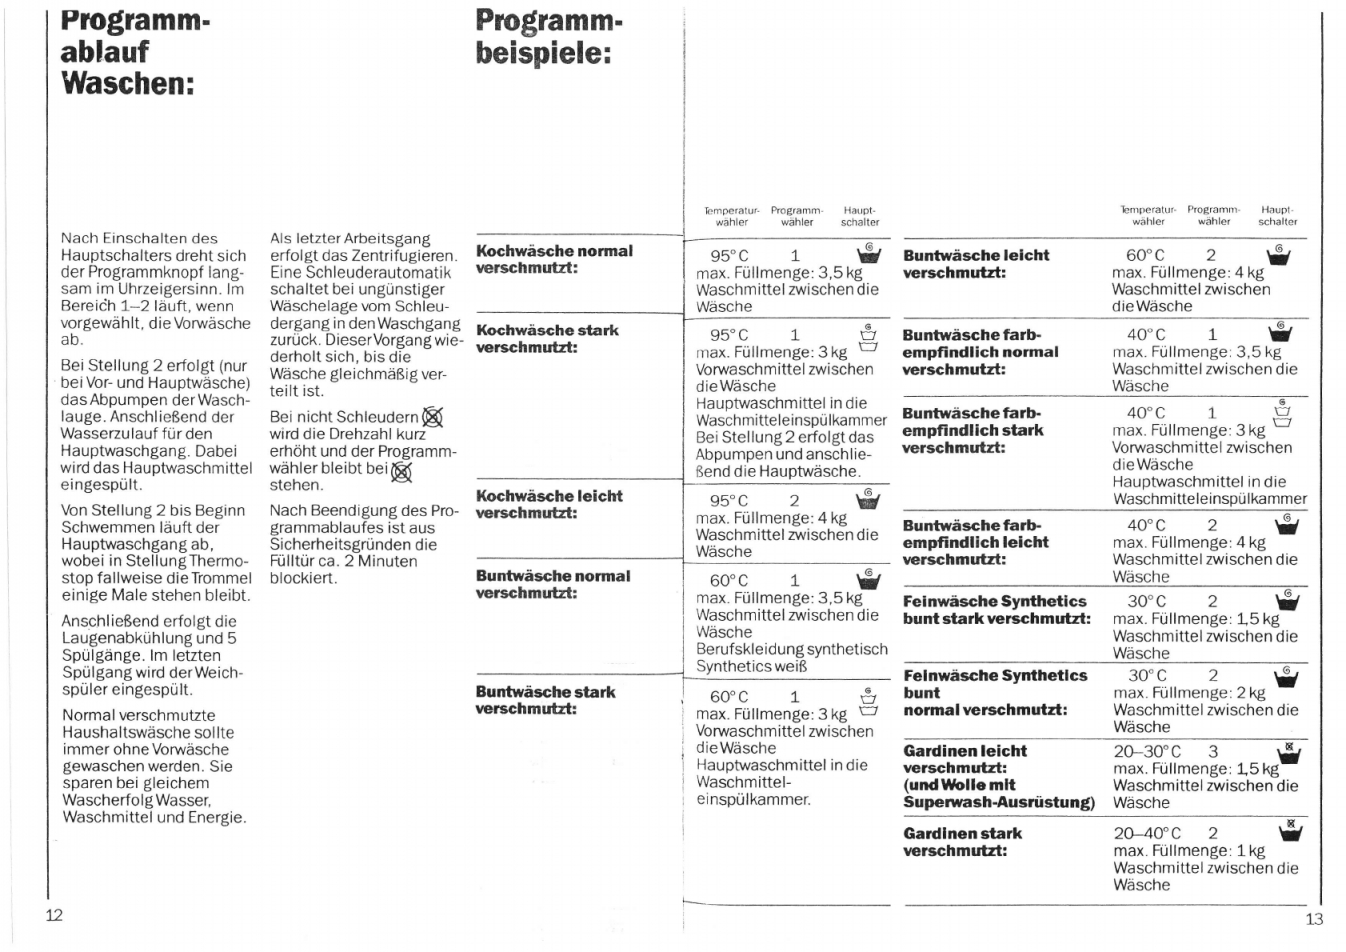 Handleiding Eudora Eu 442 S (Pagina 6 Van 9) (Deutsch) von Gardinen Waschen Welches Programm Photo